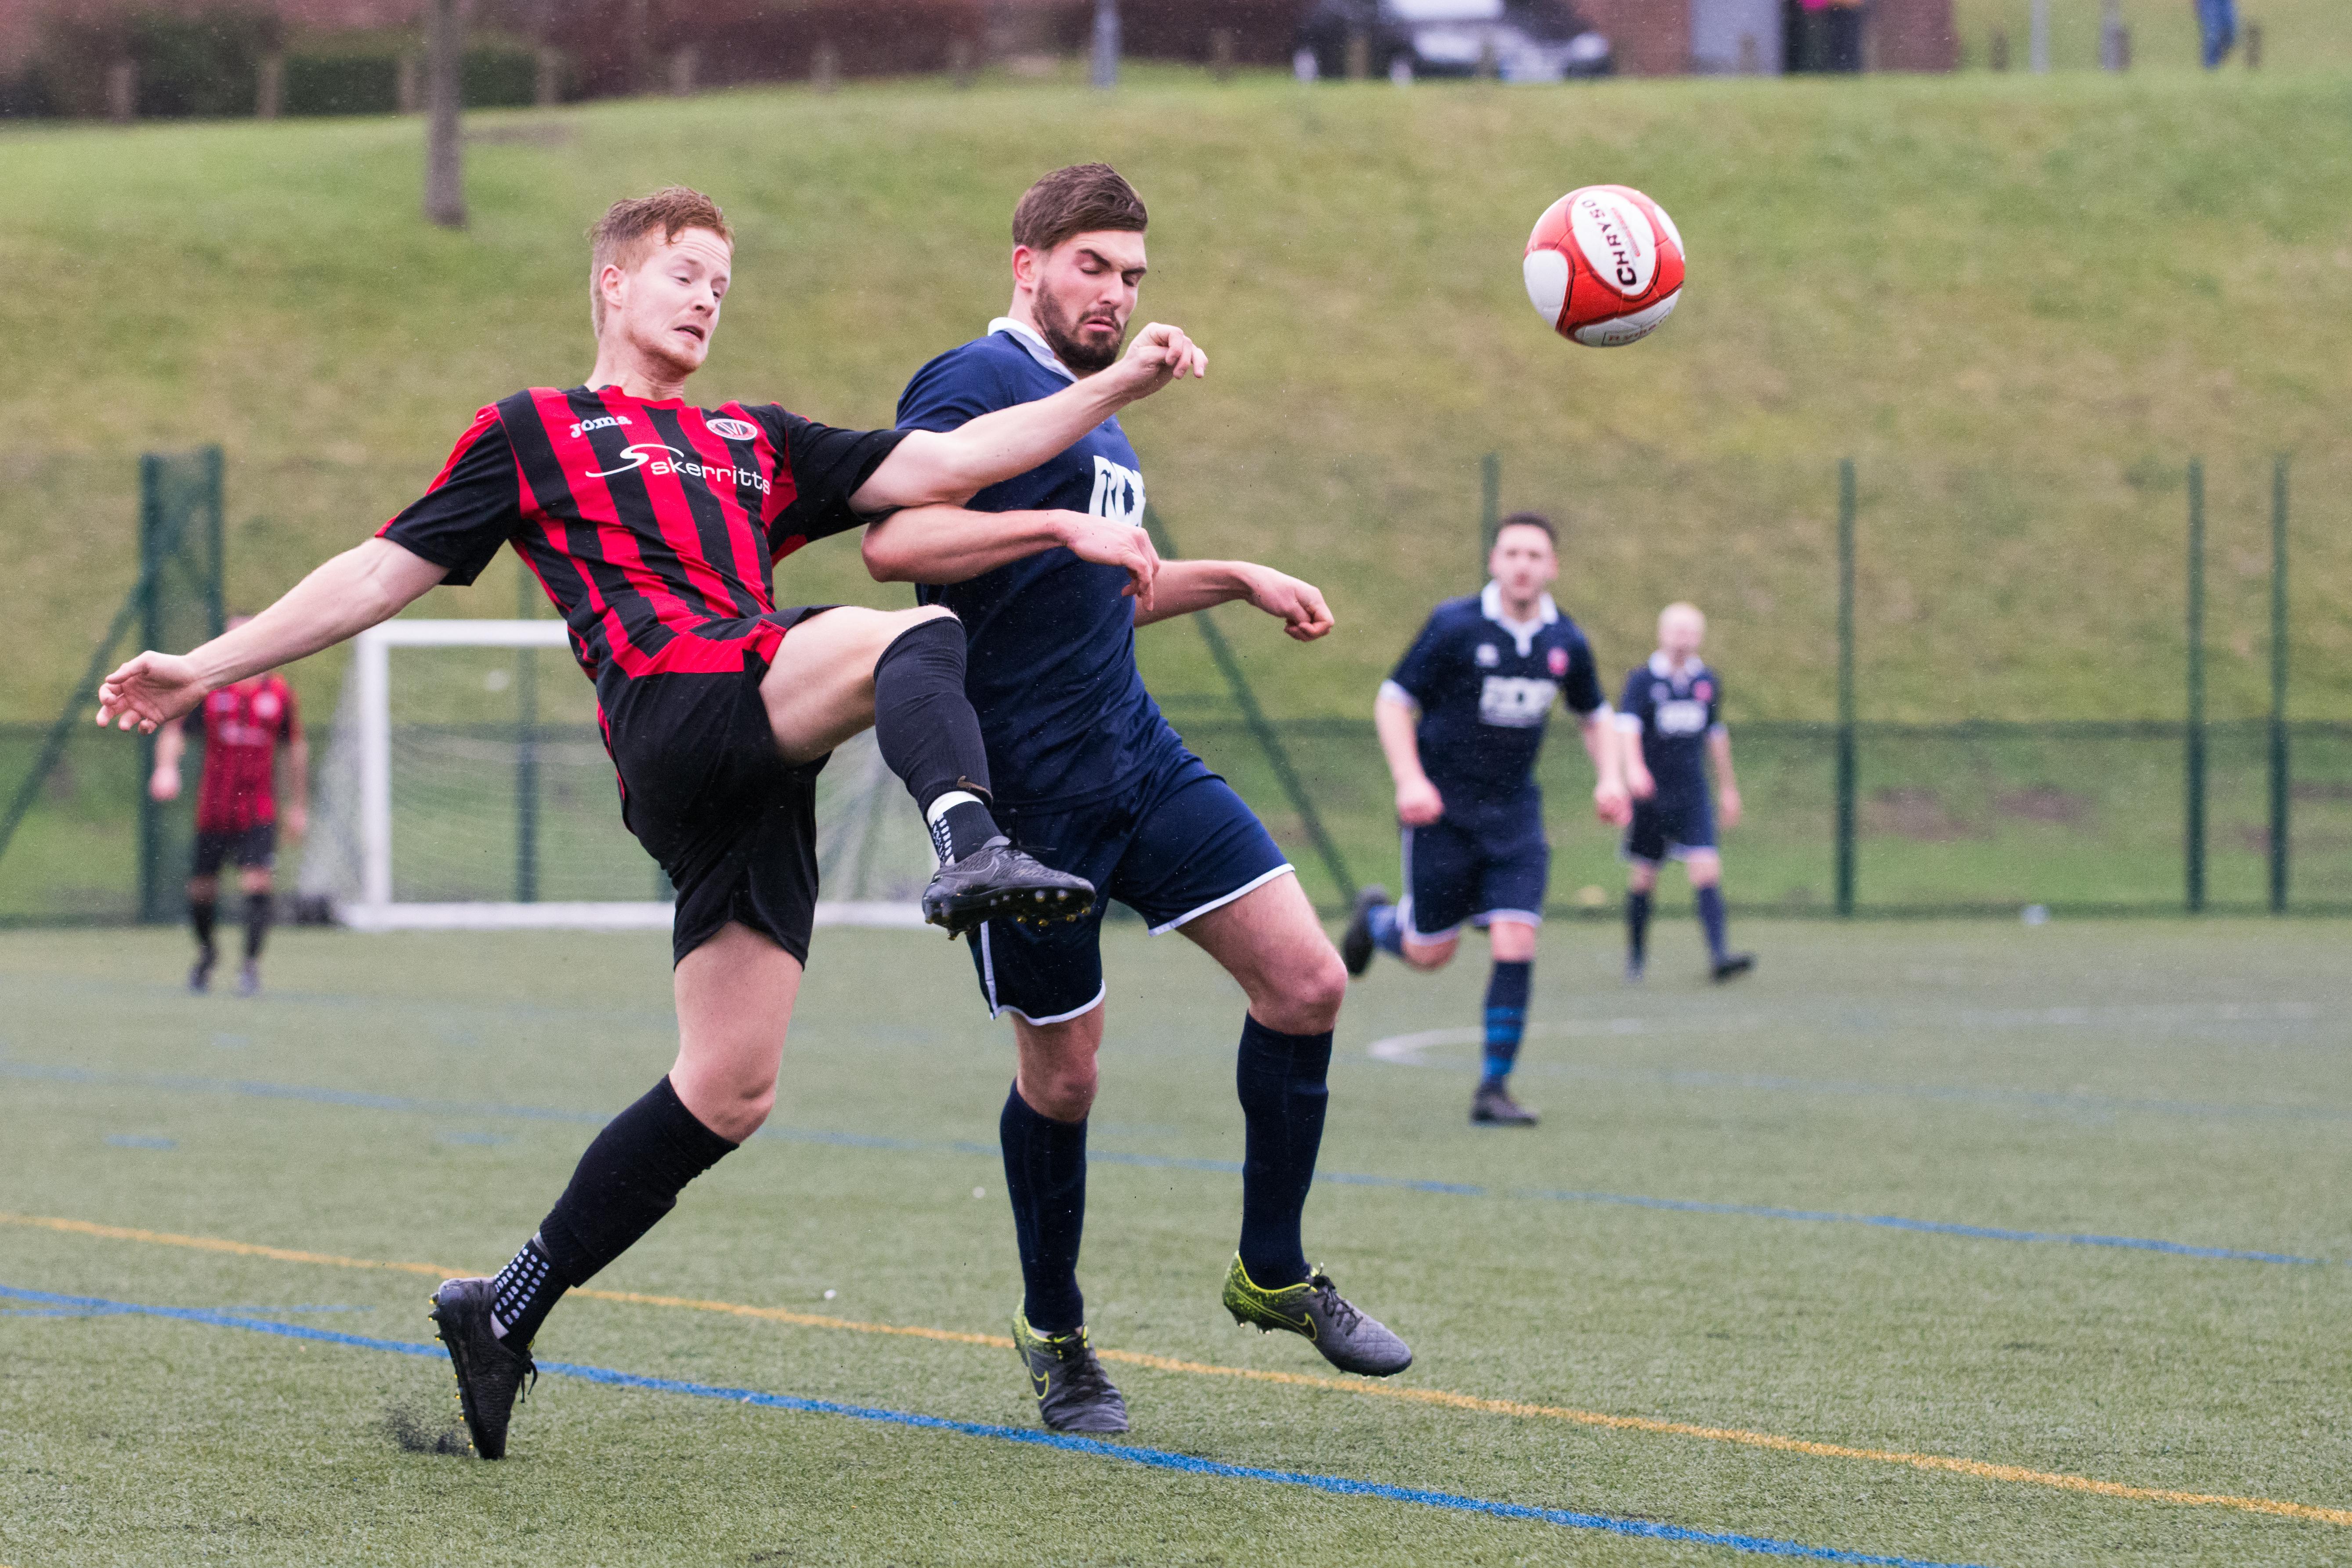 AFC Varndeanians Res vs Arundel FC Res 10.02.18 37